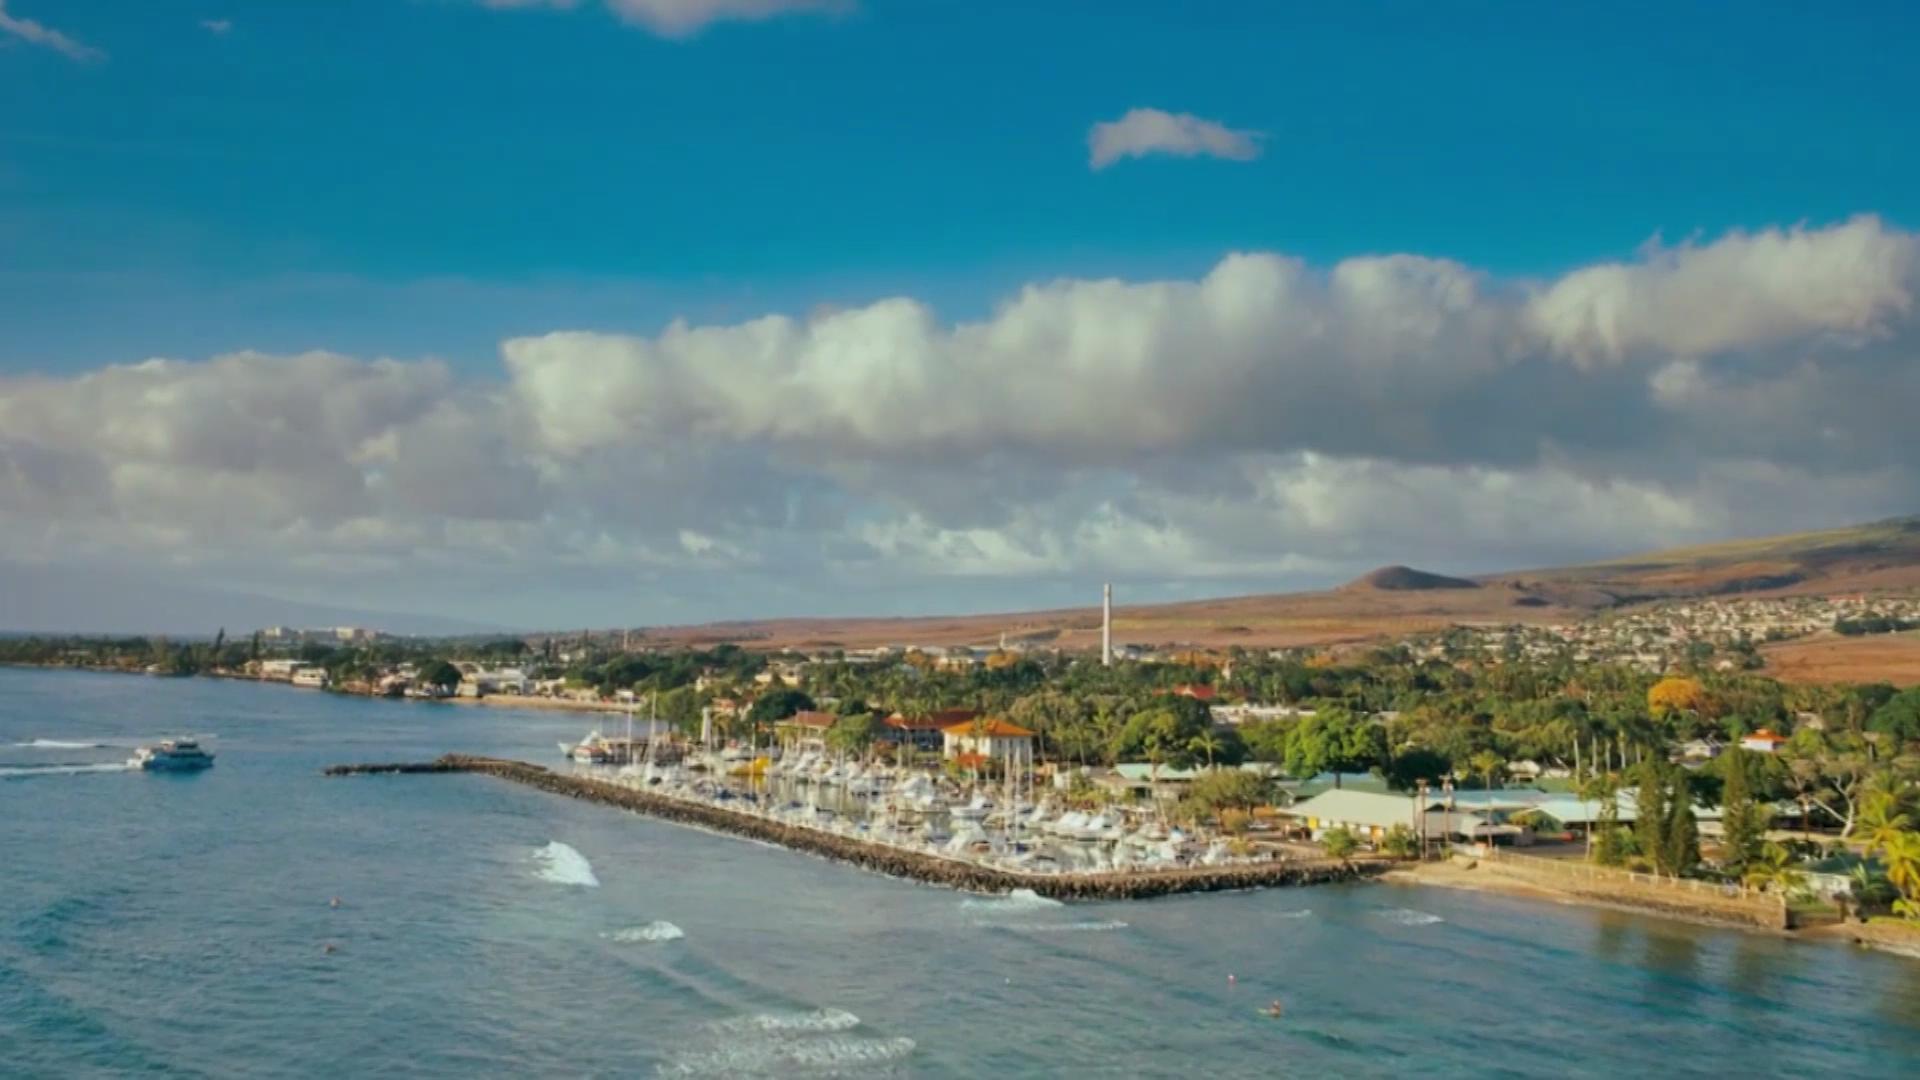 海边小镇航拍